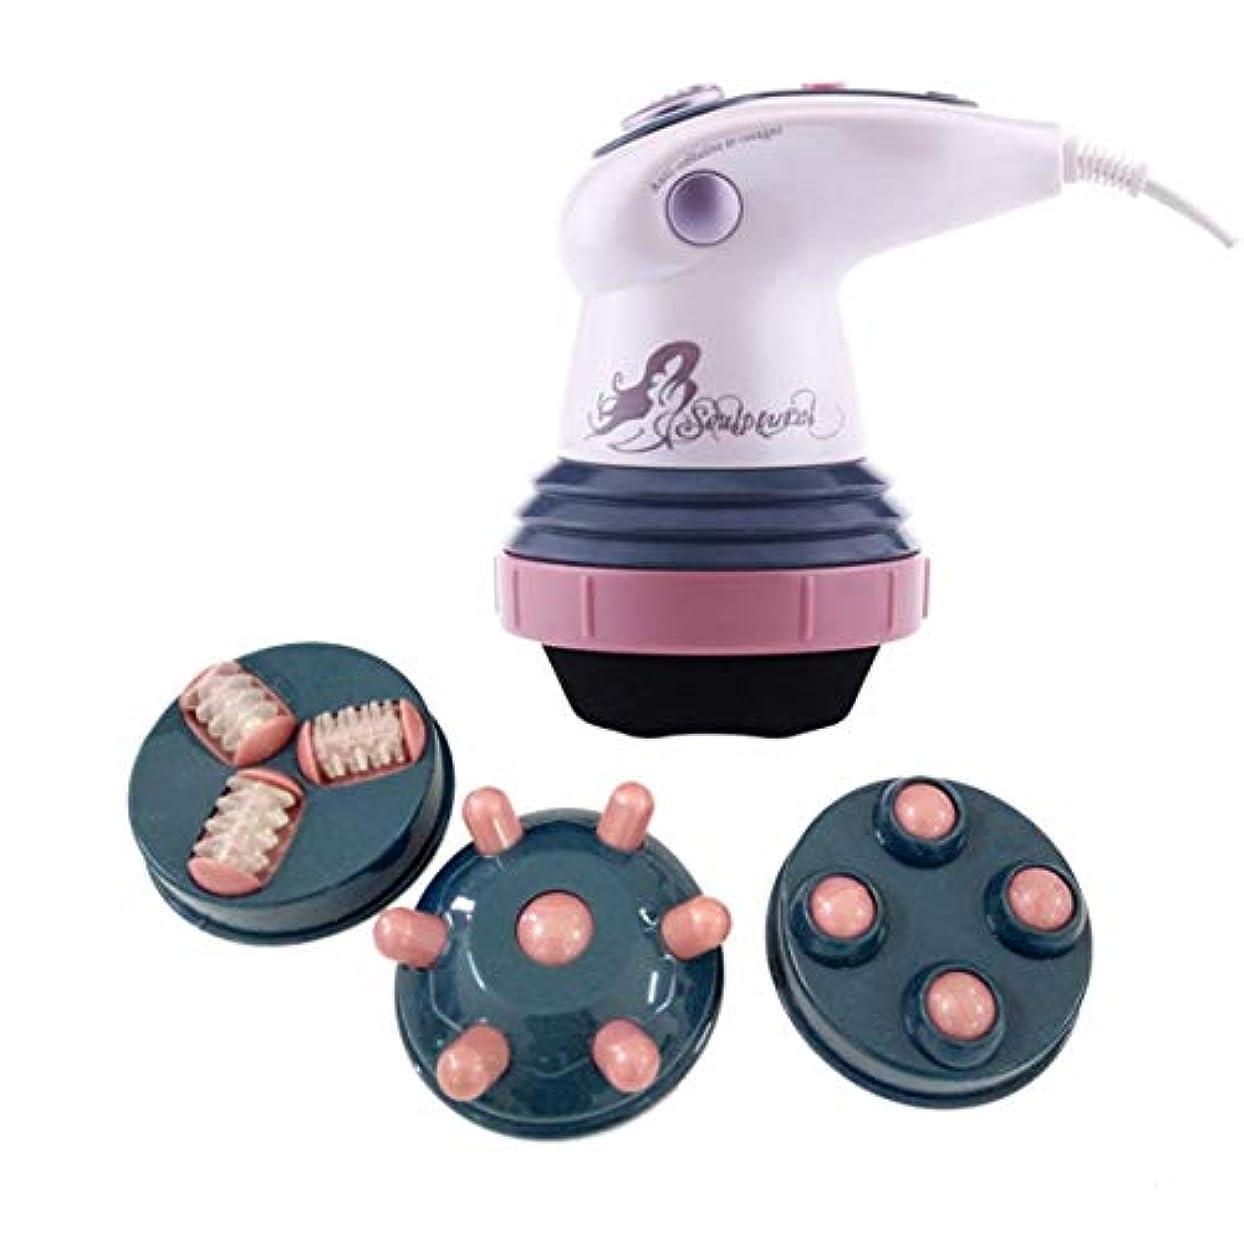 突っ込む中にのぞき穴低雑音の赤外線電気脂肪燃焼はボディスリミングマッサージャー抗セルライトボディマッサージ機を削除します - ピンク